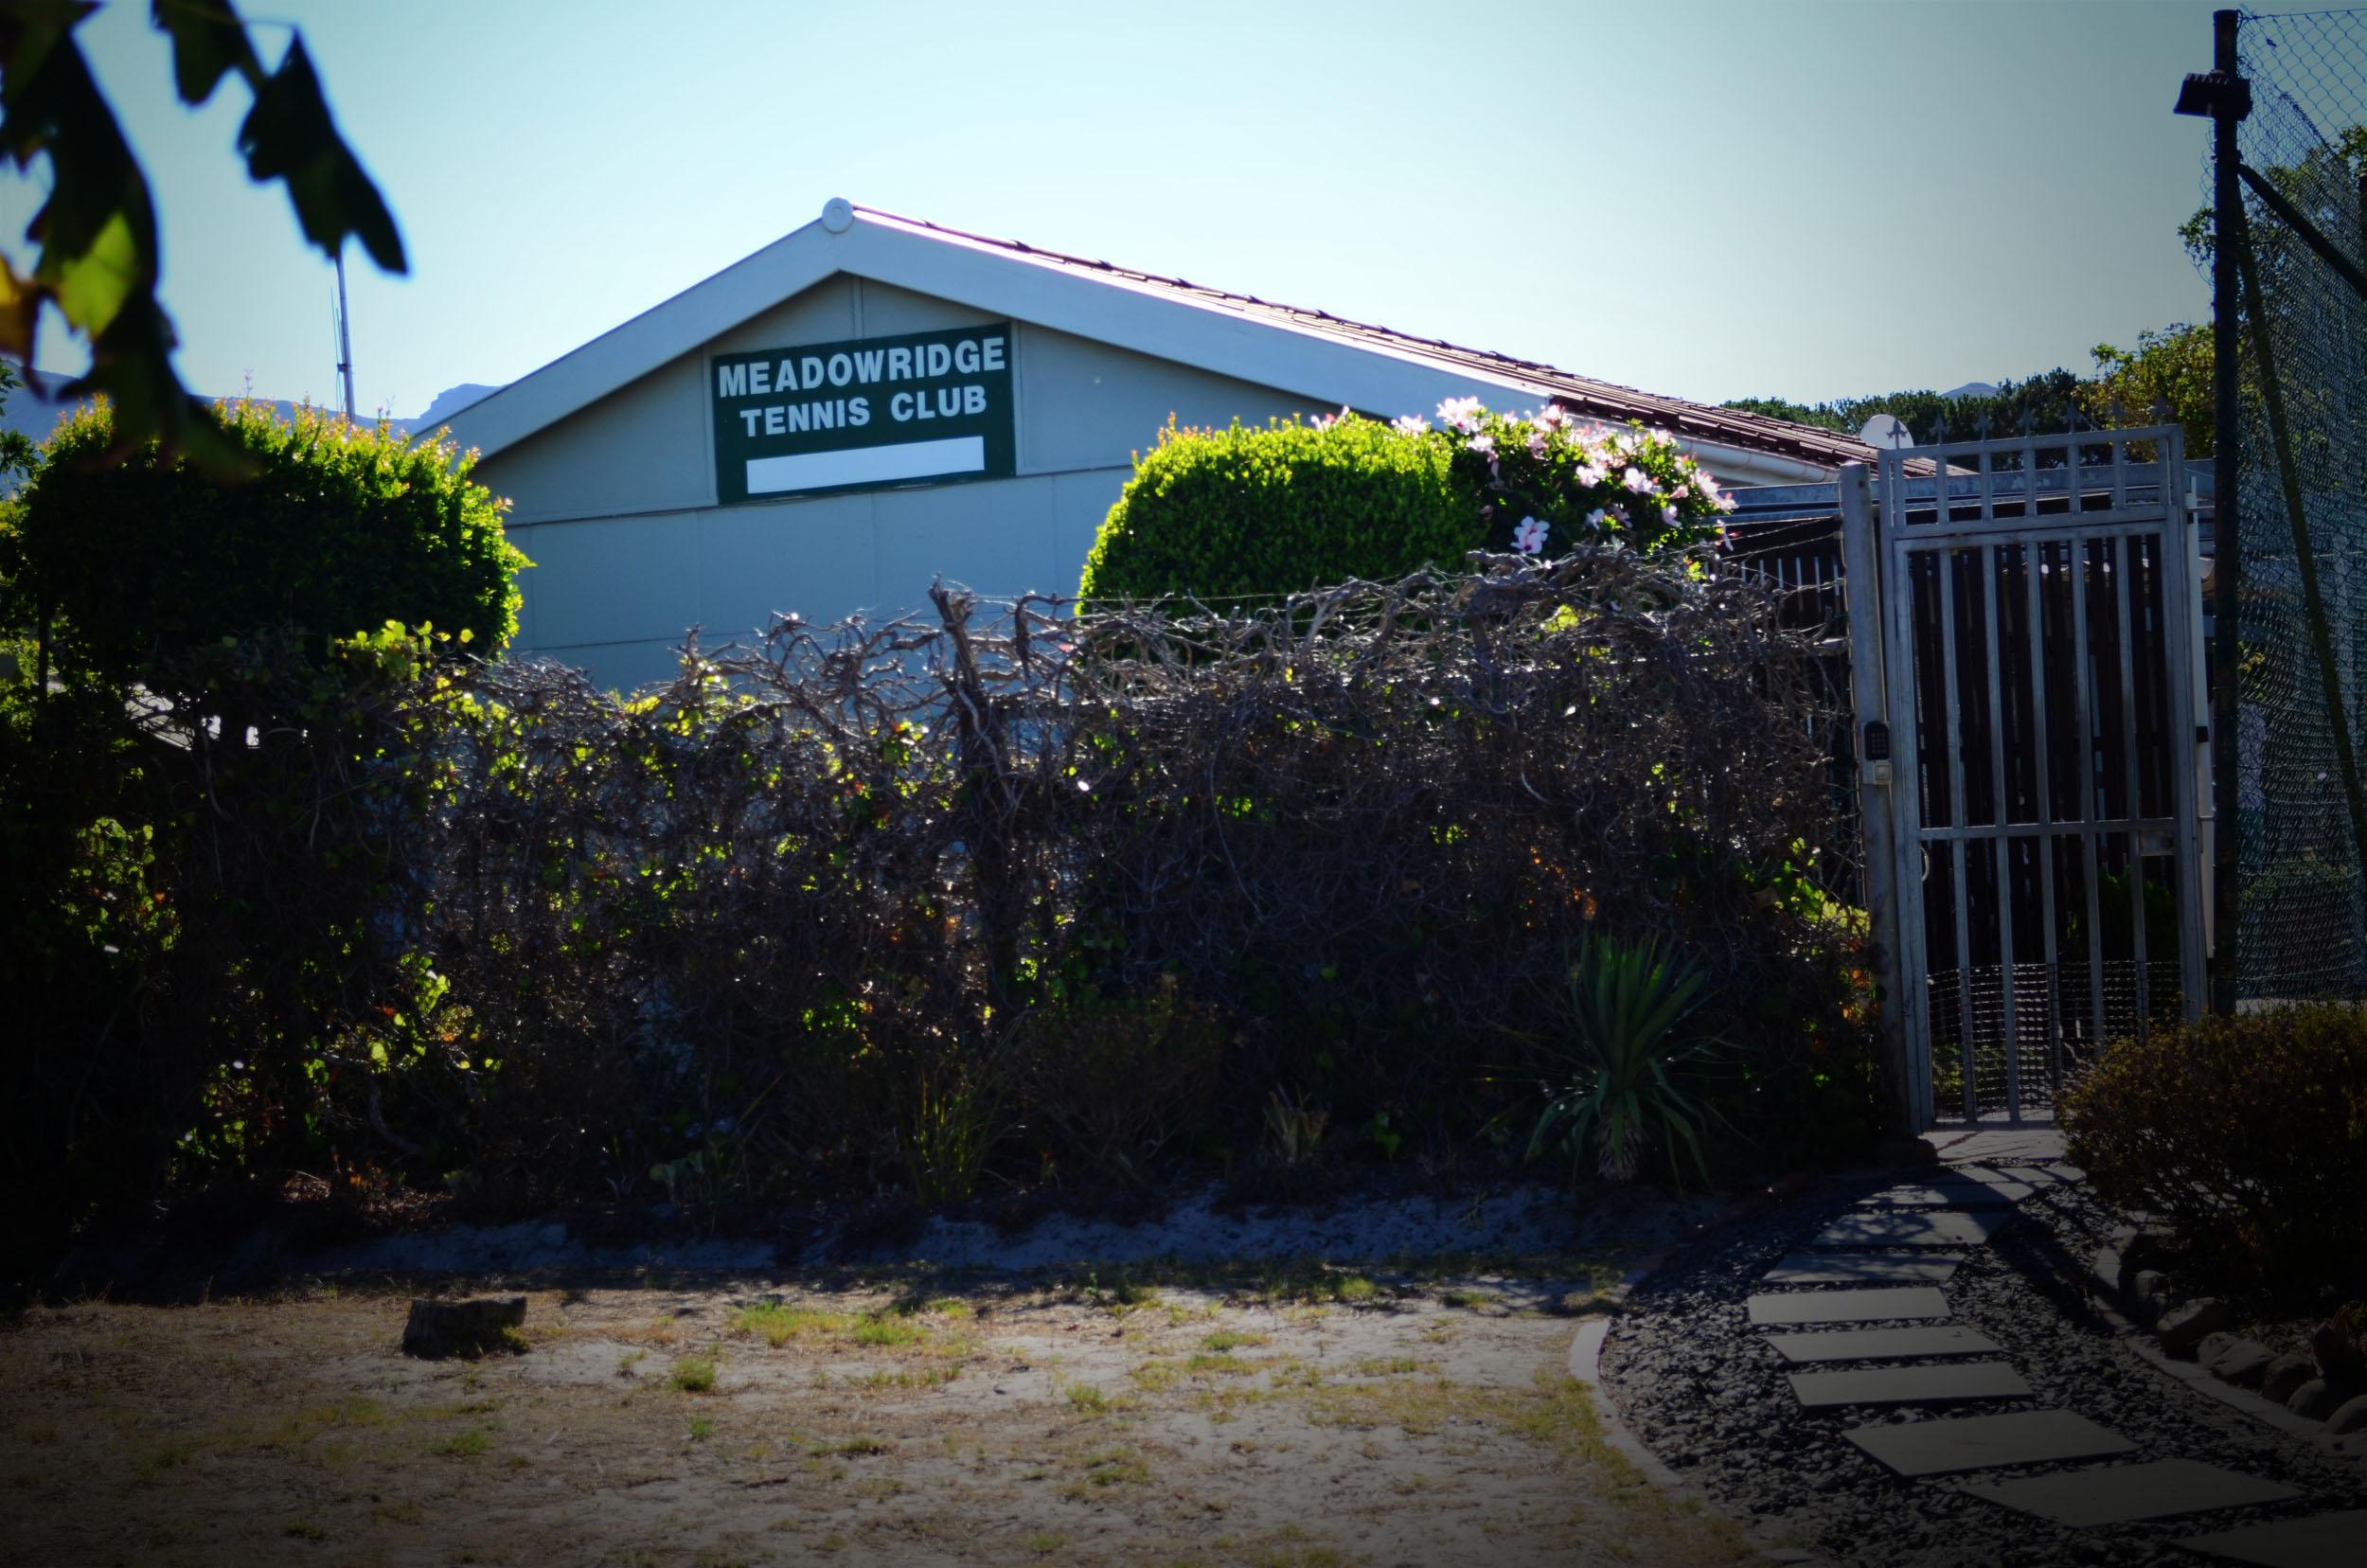 Meadowridge Tennis Club